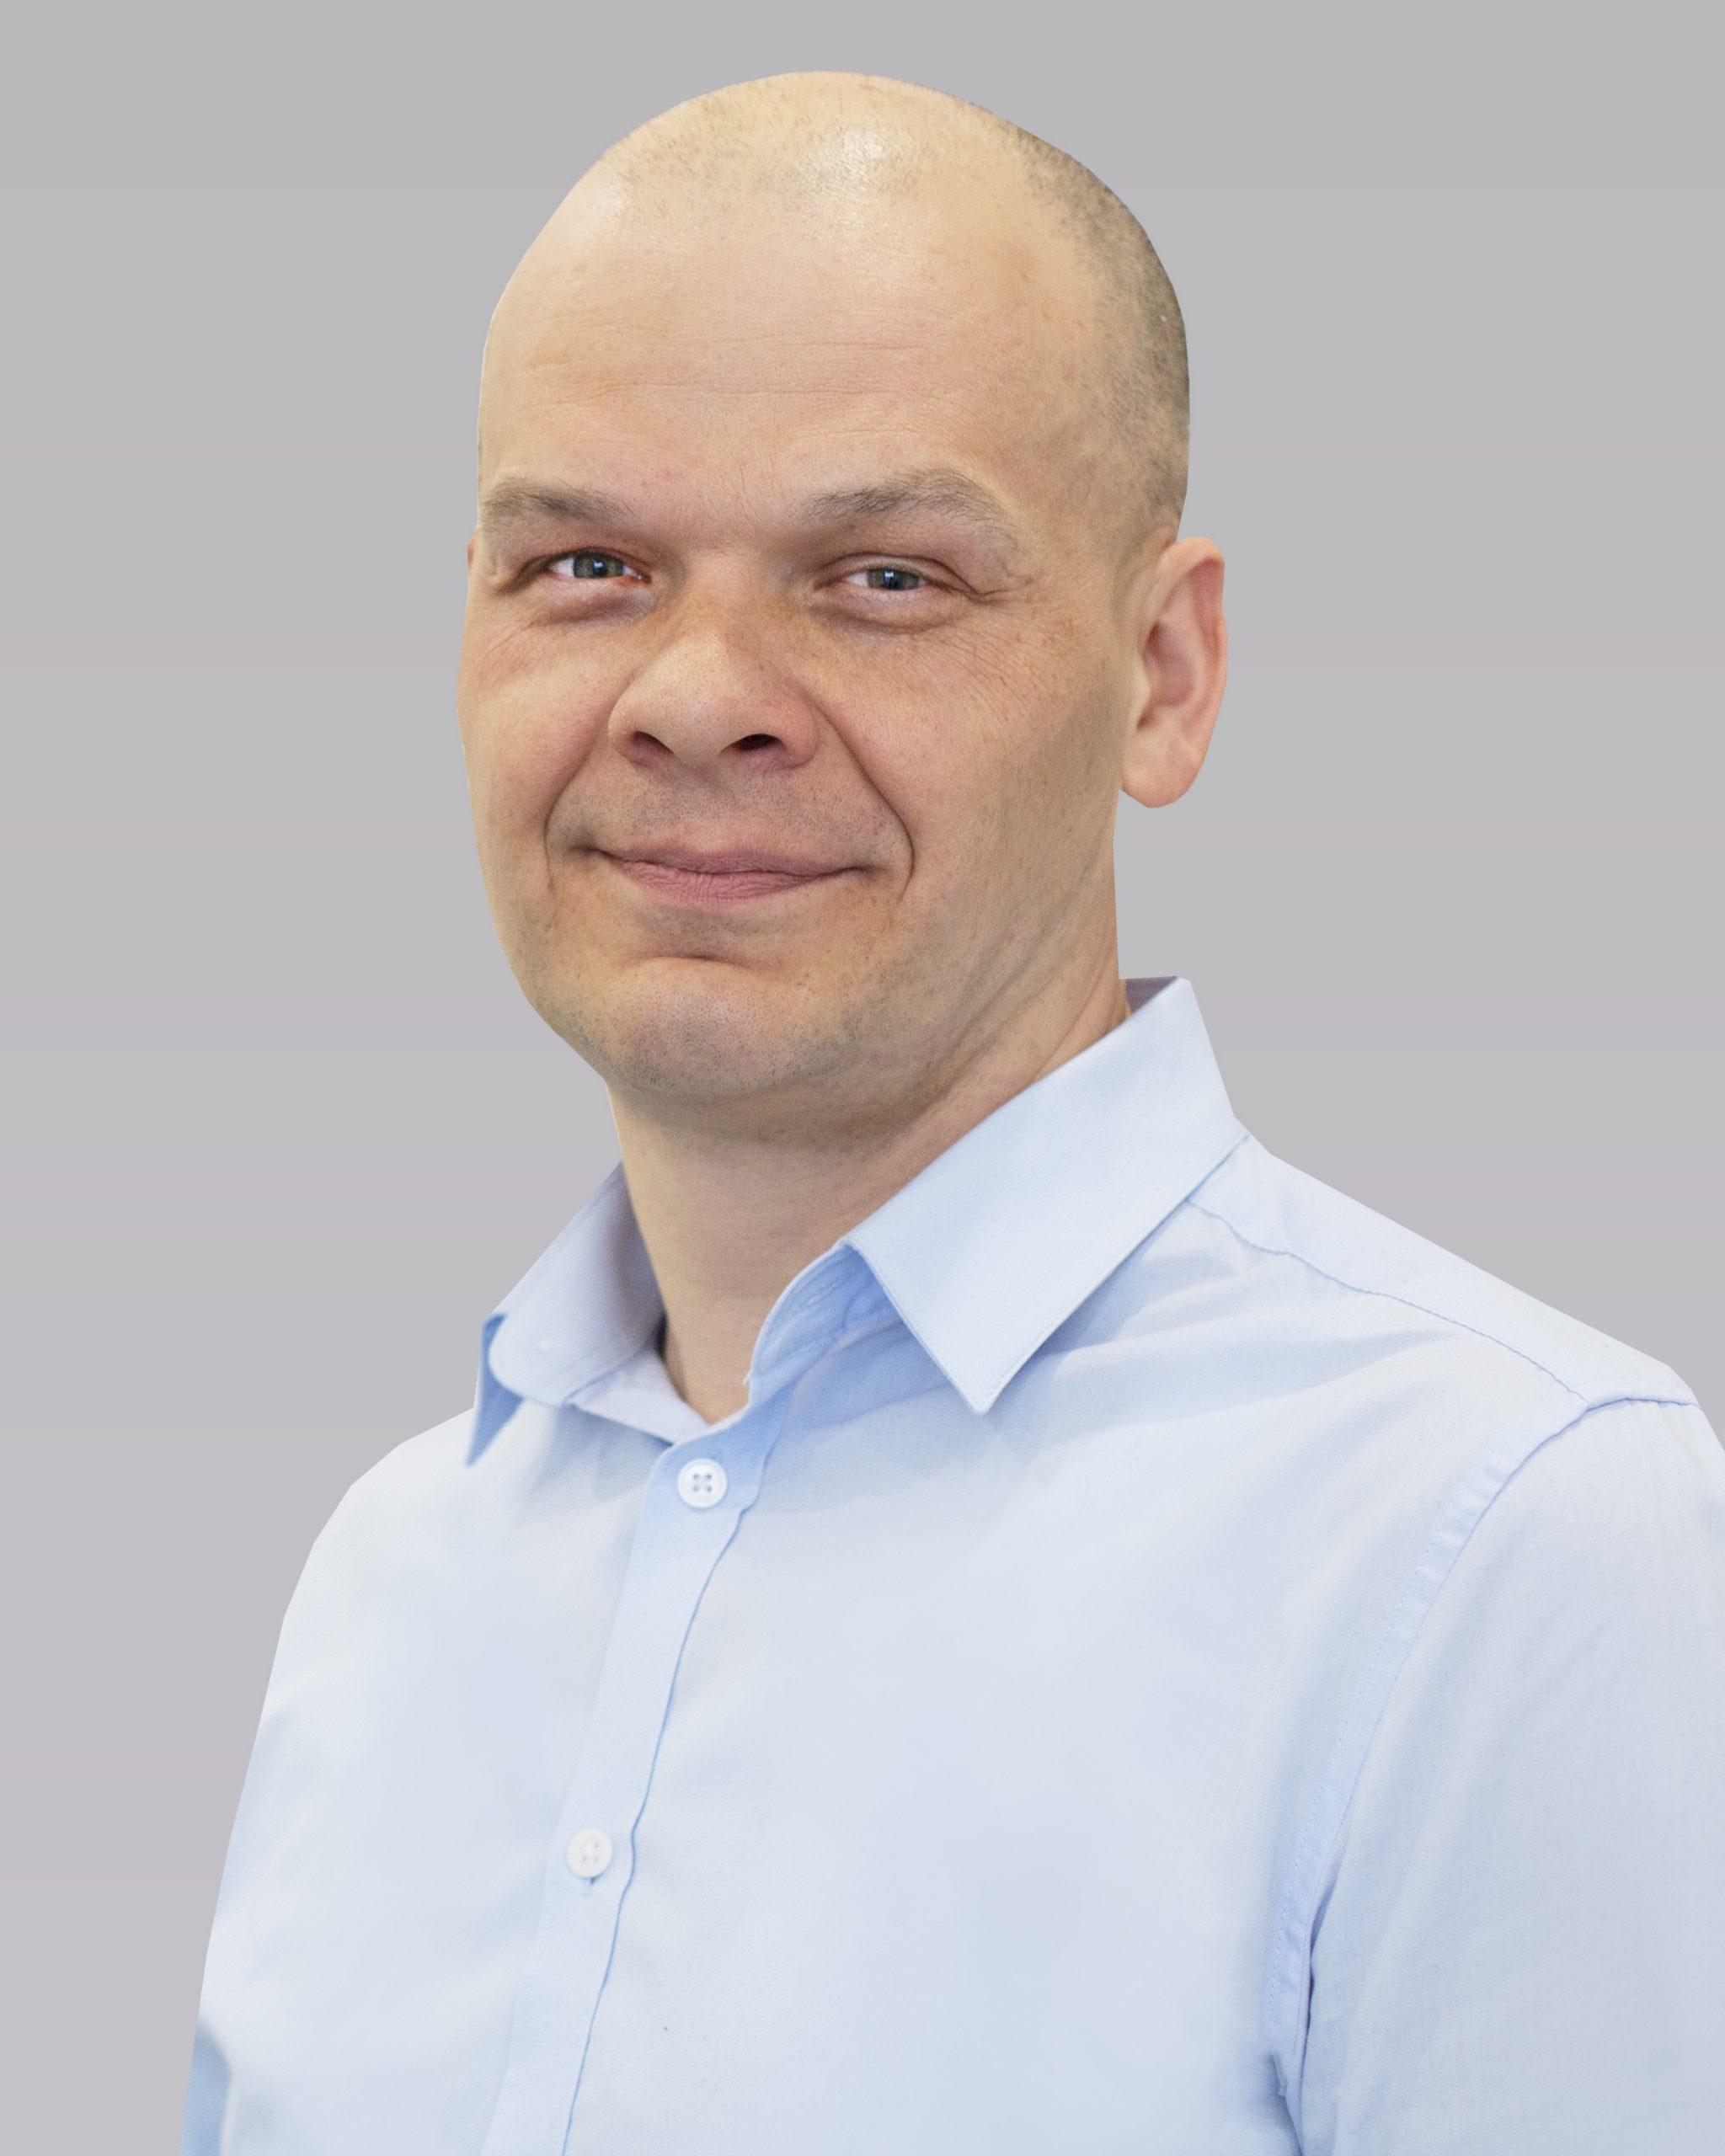 Maciej Ostaszewski